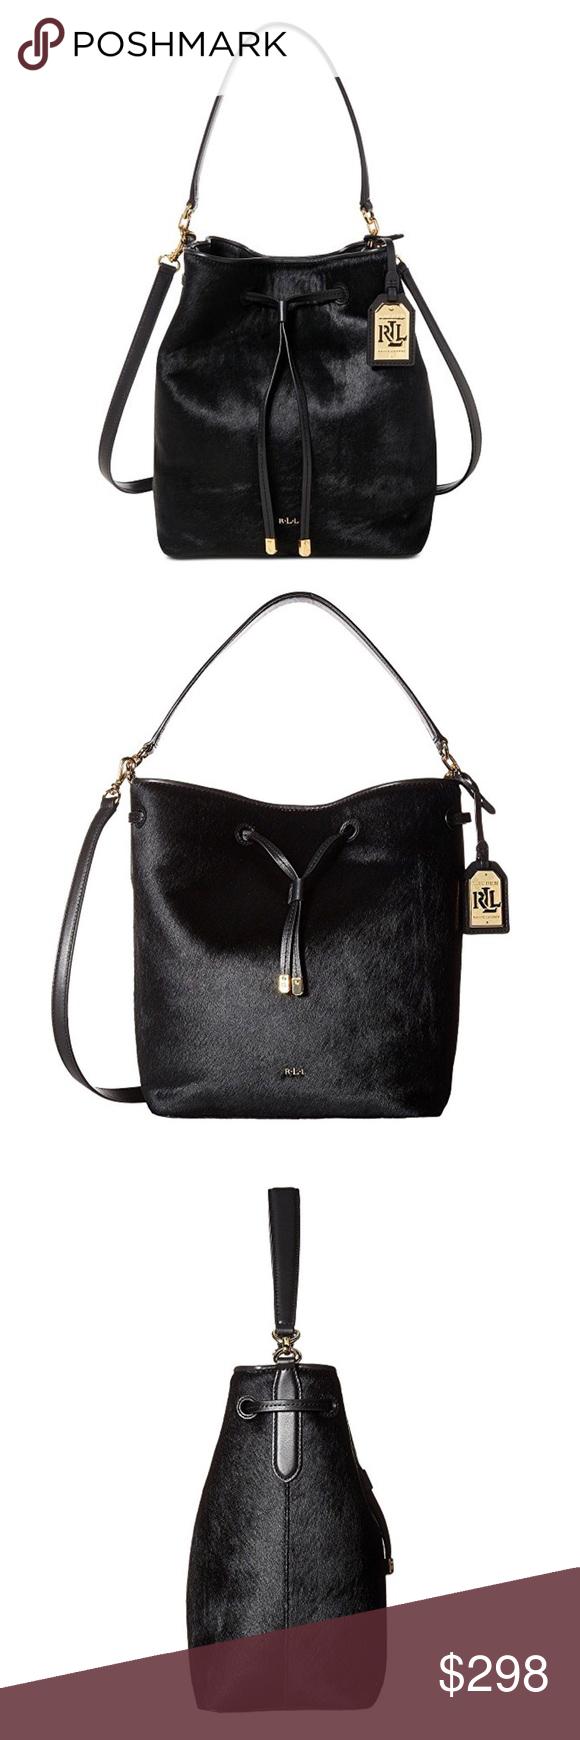 316174f3fe0 Spotted while shopping on Poshmark  LAUREN Ralph Lauren Debby Drawstring Shoulder  Bag!  poshmark  fashion  shopping  style  Lauren Ralph Lauren  Handbags